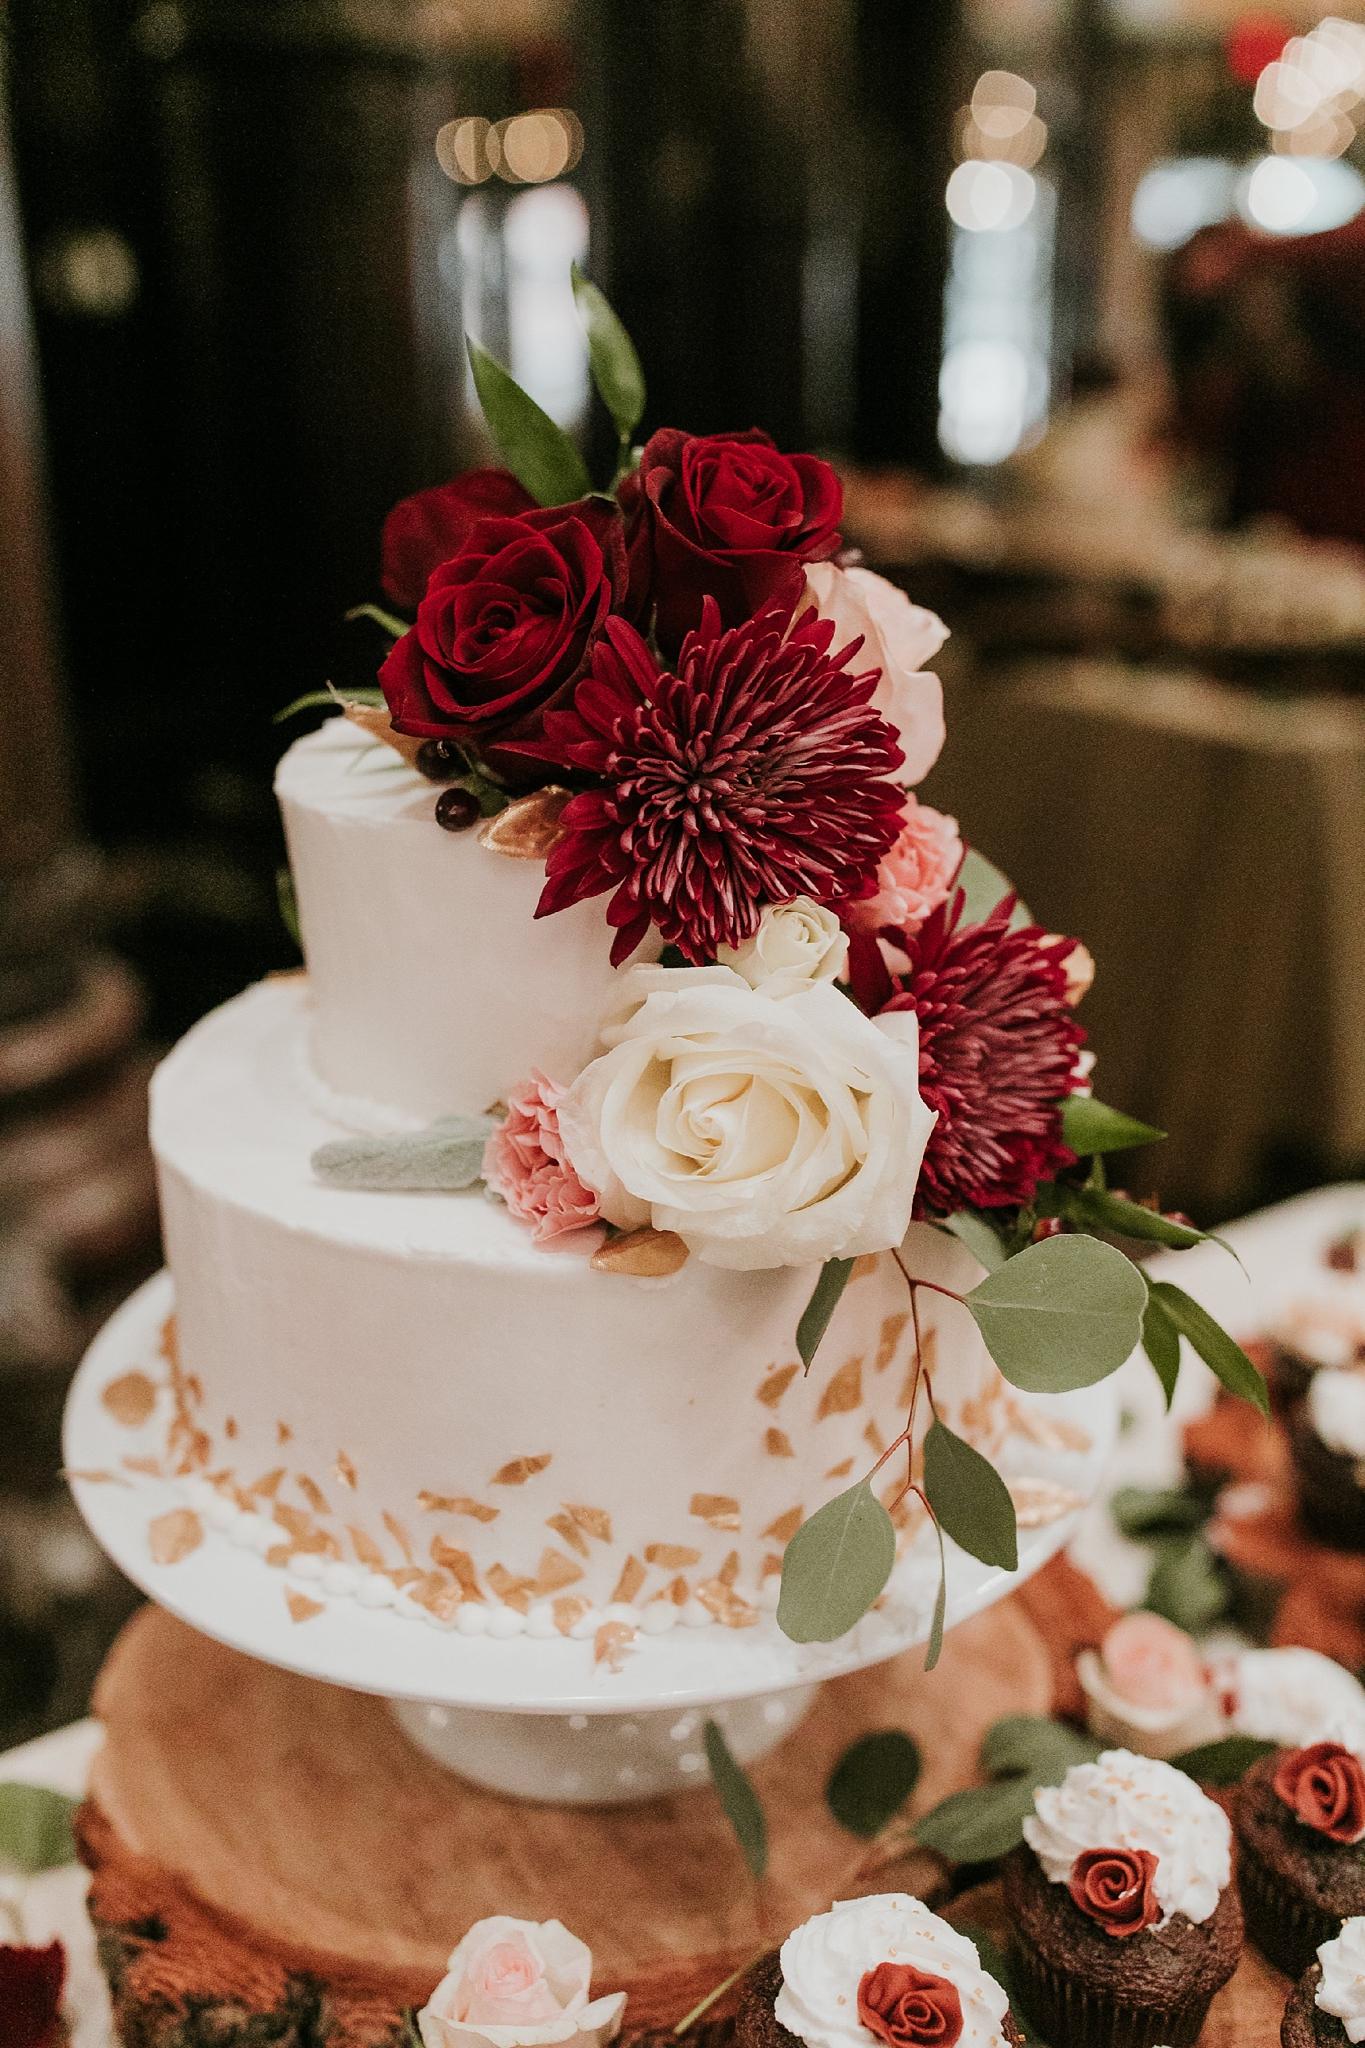 Alicia+lucia+photography+-+albuquerque+wedding+photographer+-+santa+fe+wedding+photography+-+new+mexico+wedding+photographer+-+new+mexico+wedding+-+wedding+-+winter+wedding+-+wedding+reception+-+winter+wedding+reception_0098.jpg